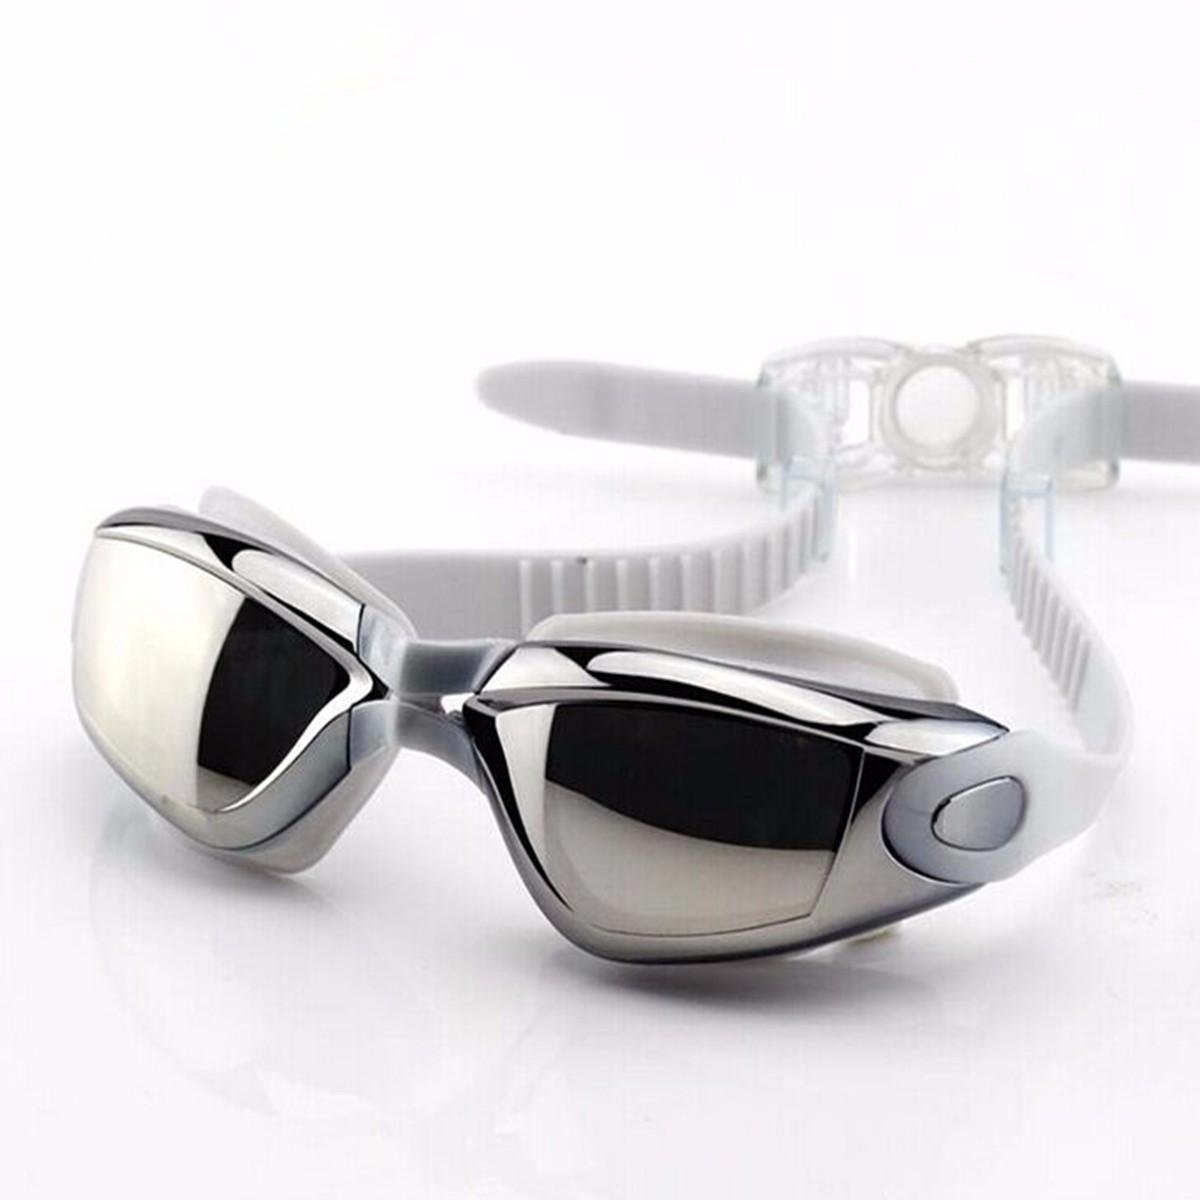 CAMTOA Anti-fog Водонепроницаемы Очки для плавания Очки Для взрослых Женское Мужчины Серебро - фото 3